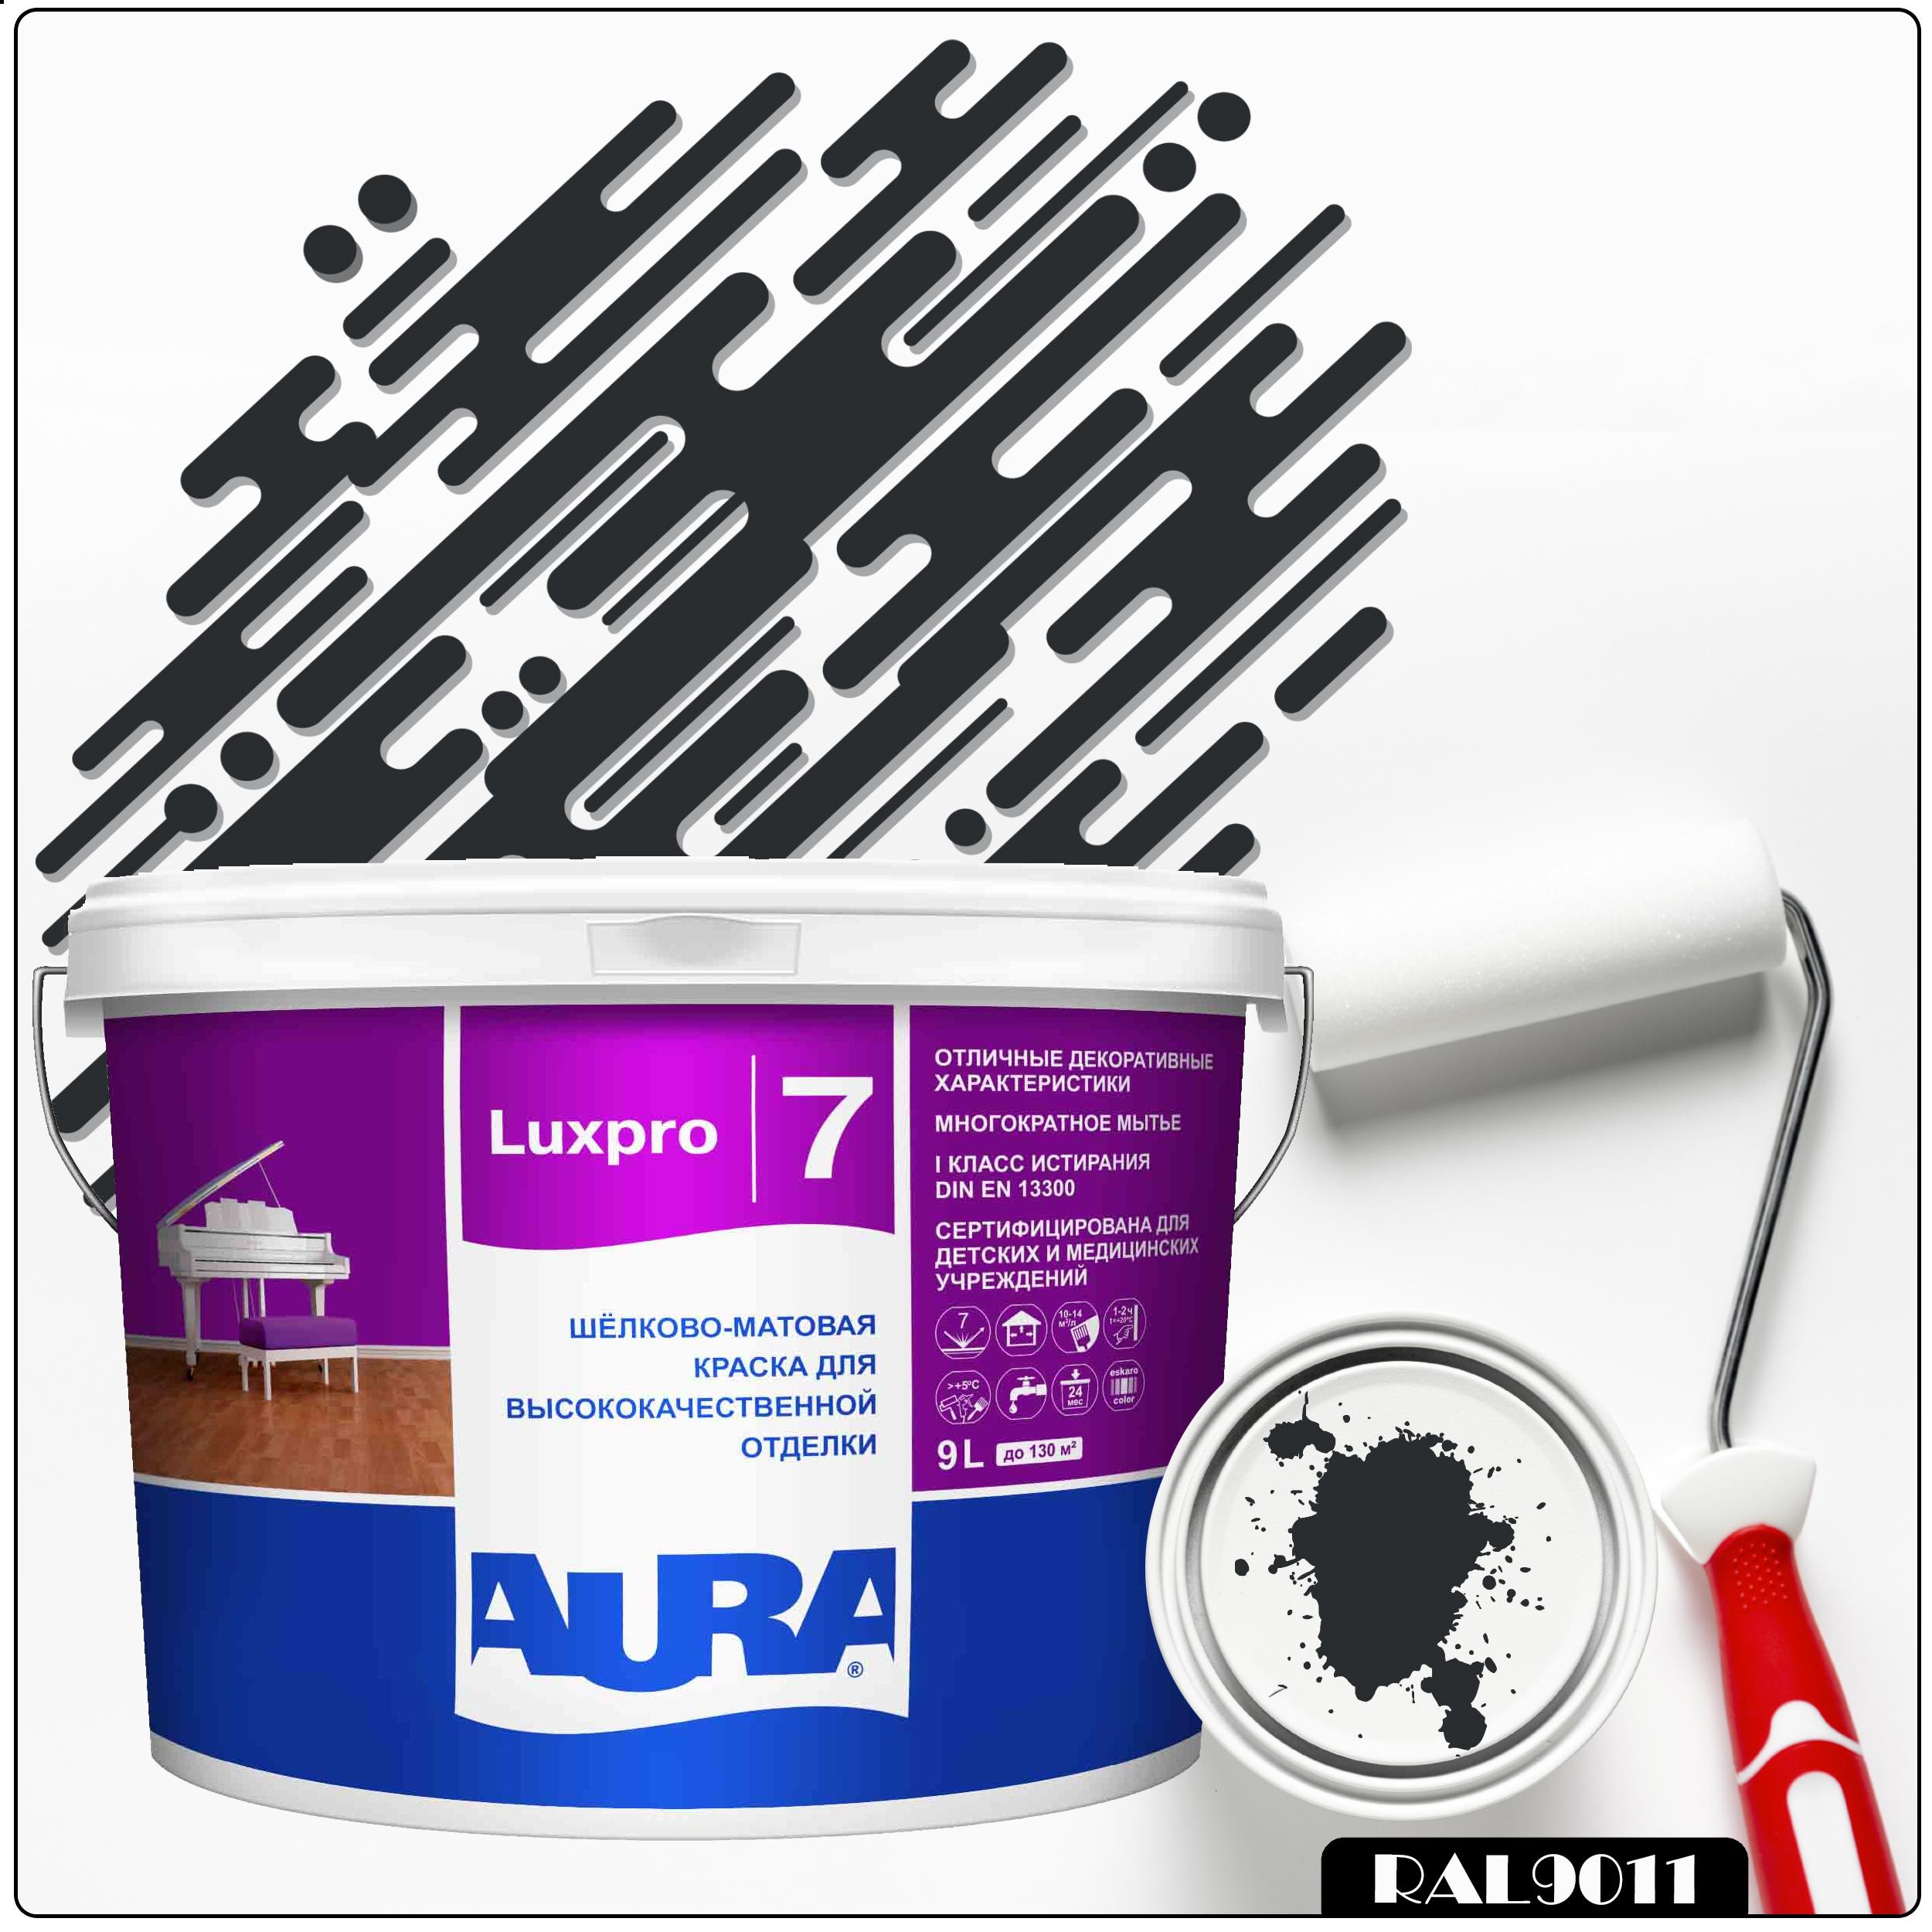 Фото 7 - Краска Aura LuxPRO 7, RAL 9011 Графитно-чёрный, латексная, шелково-матовая, интерьерная, 9л, Аура.